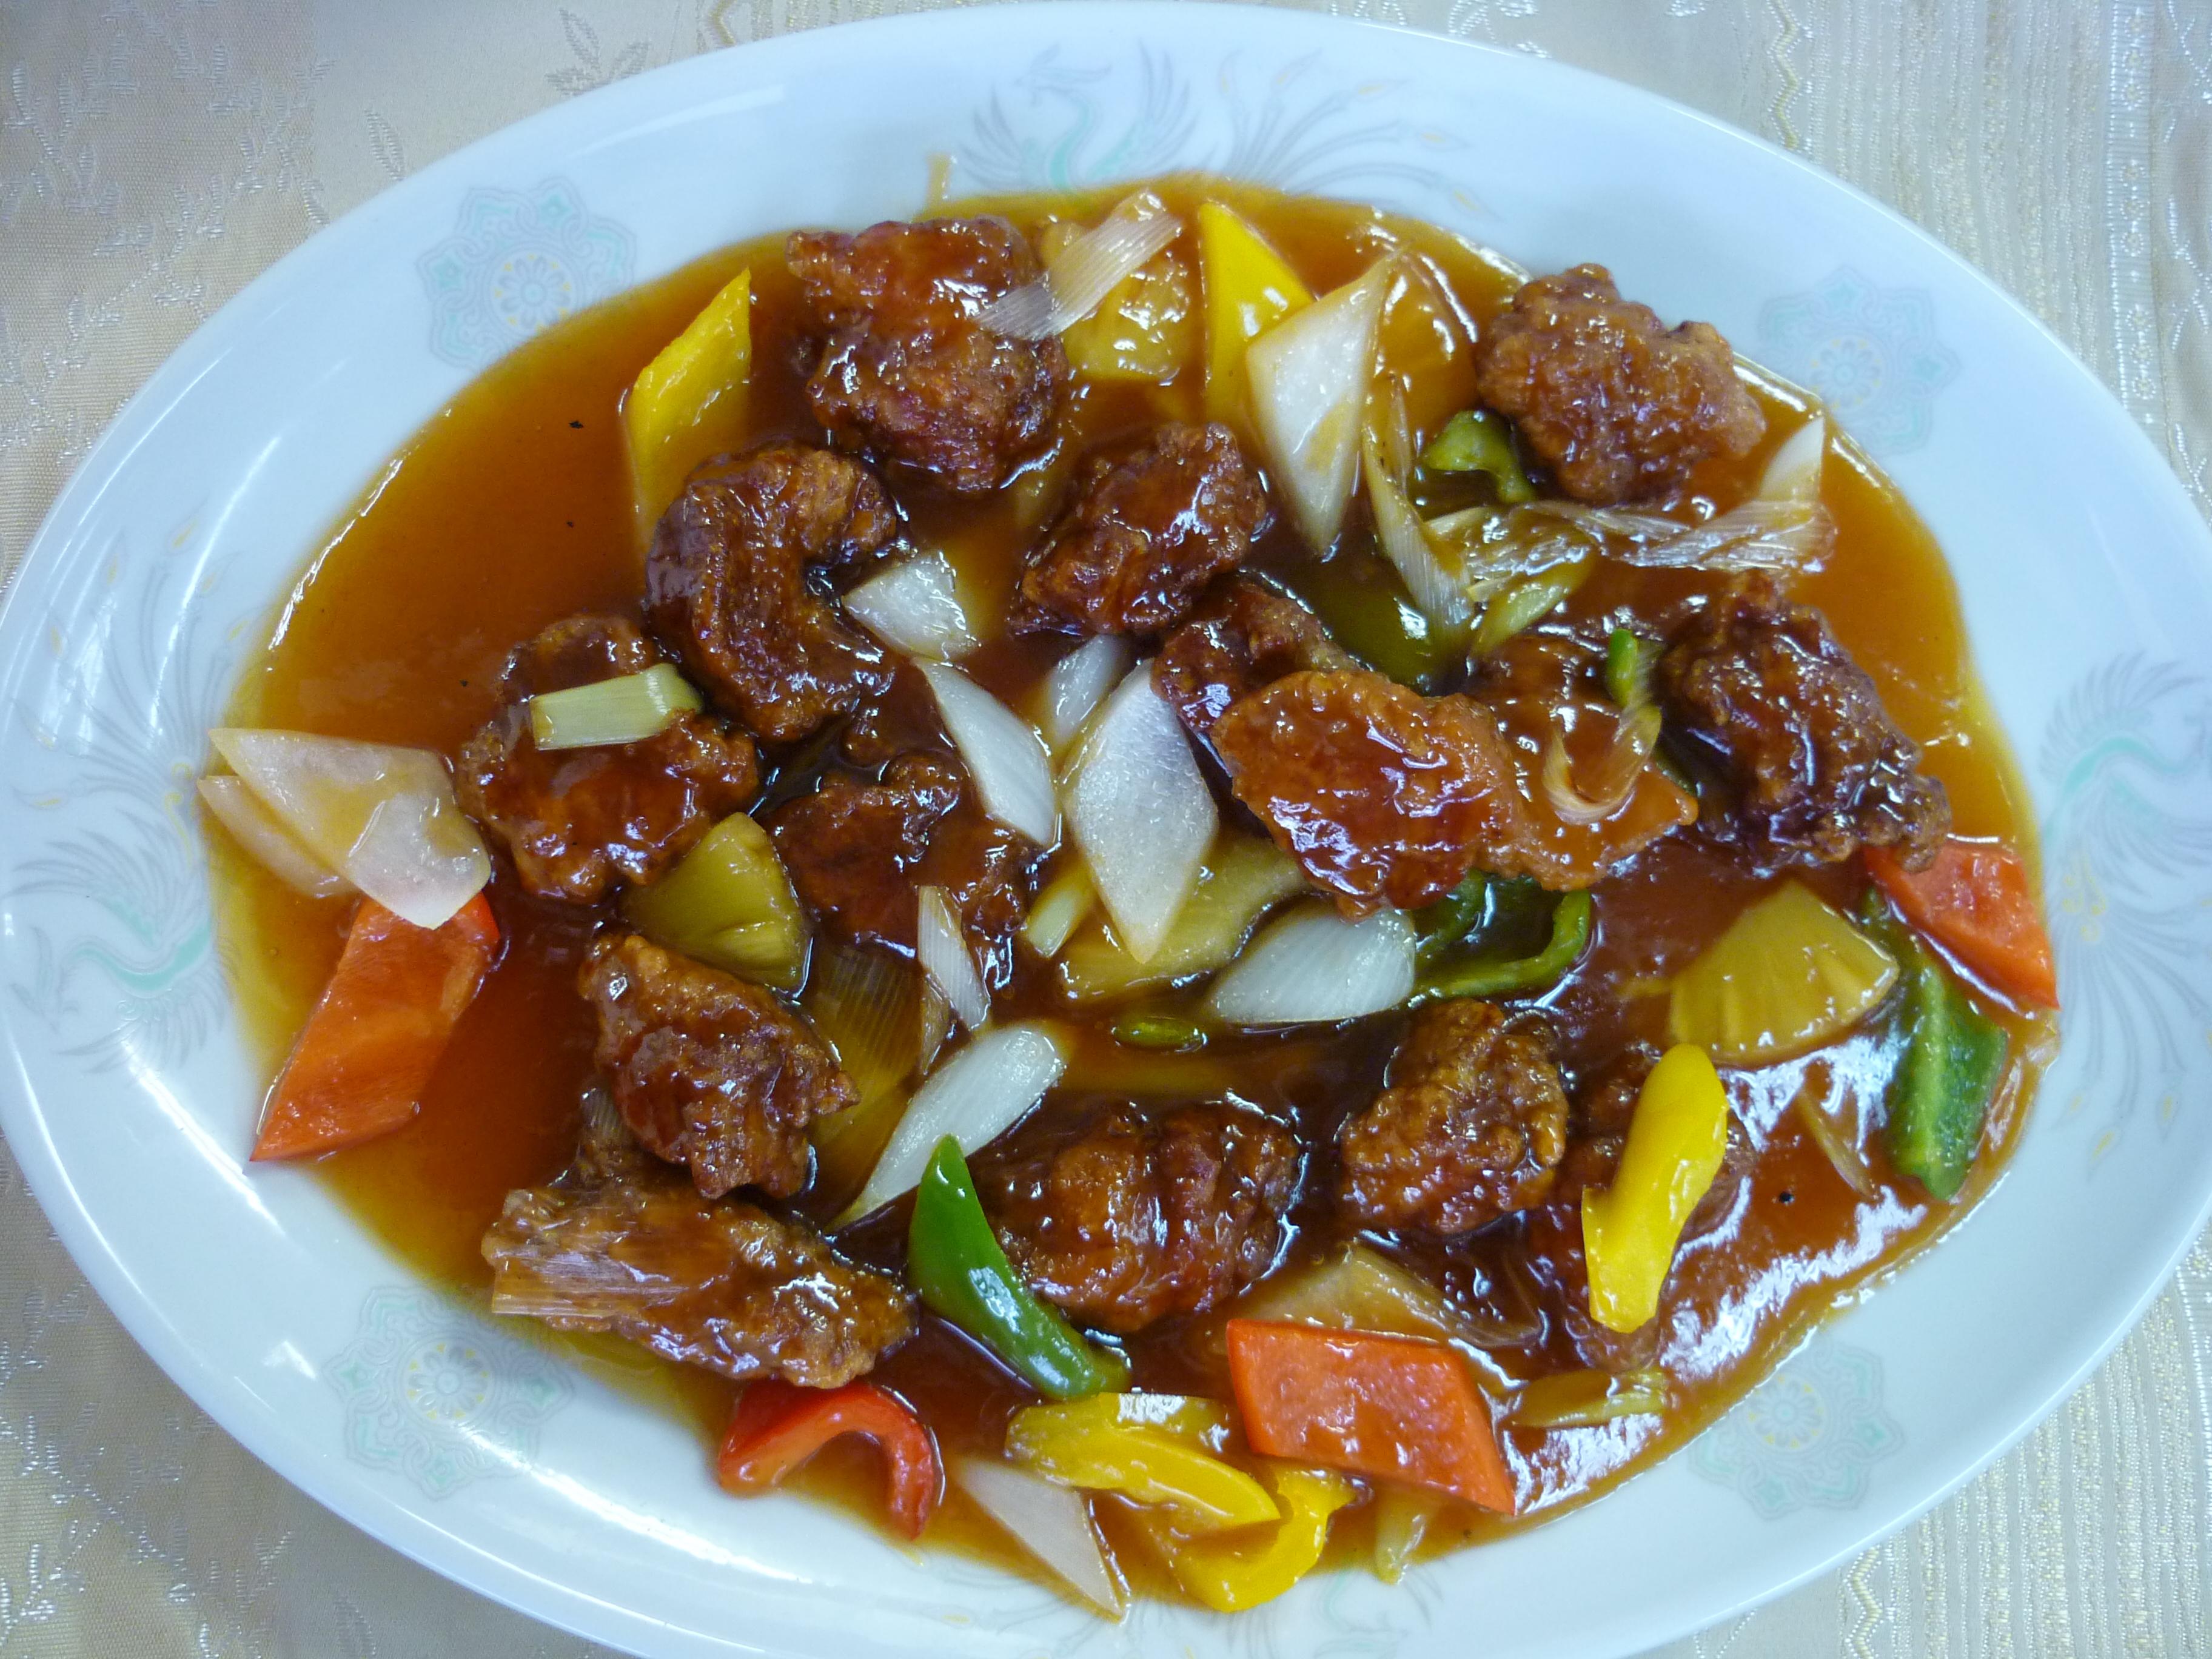 紅醋古老肉(酢豚)